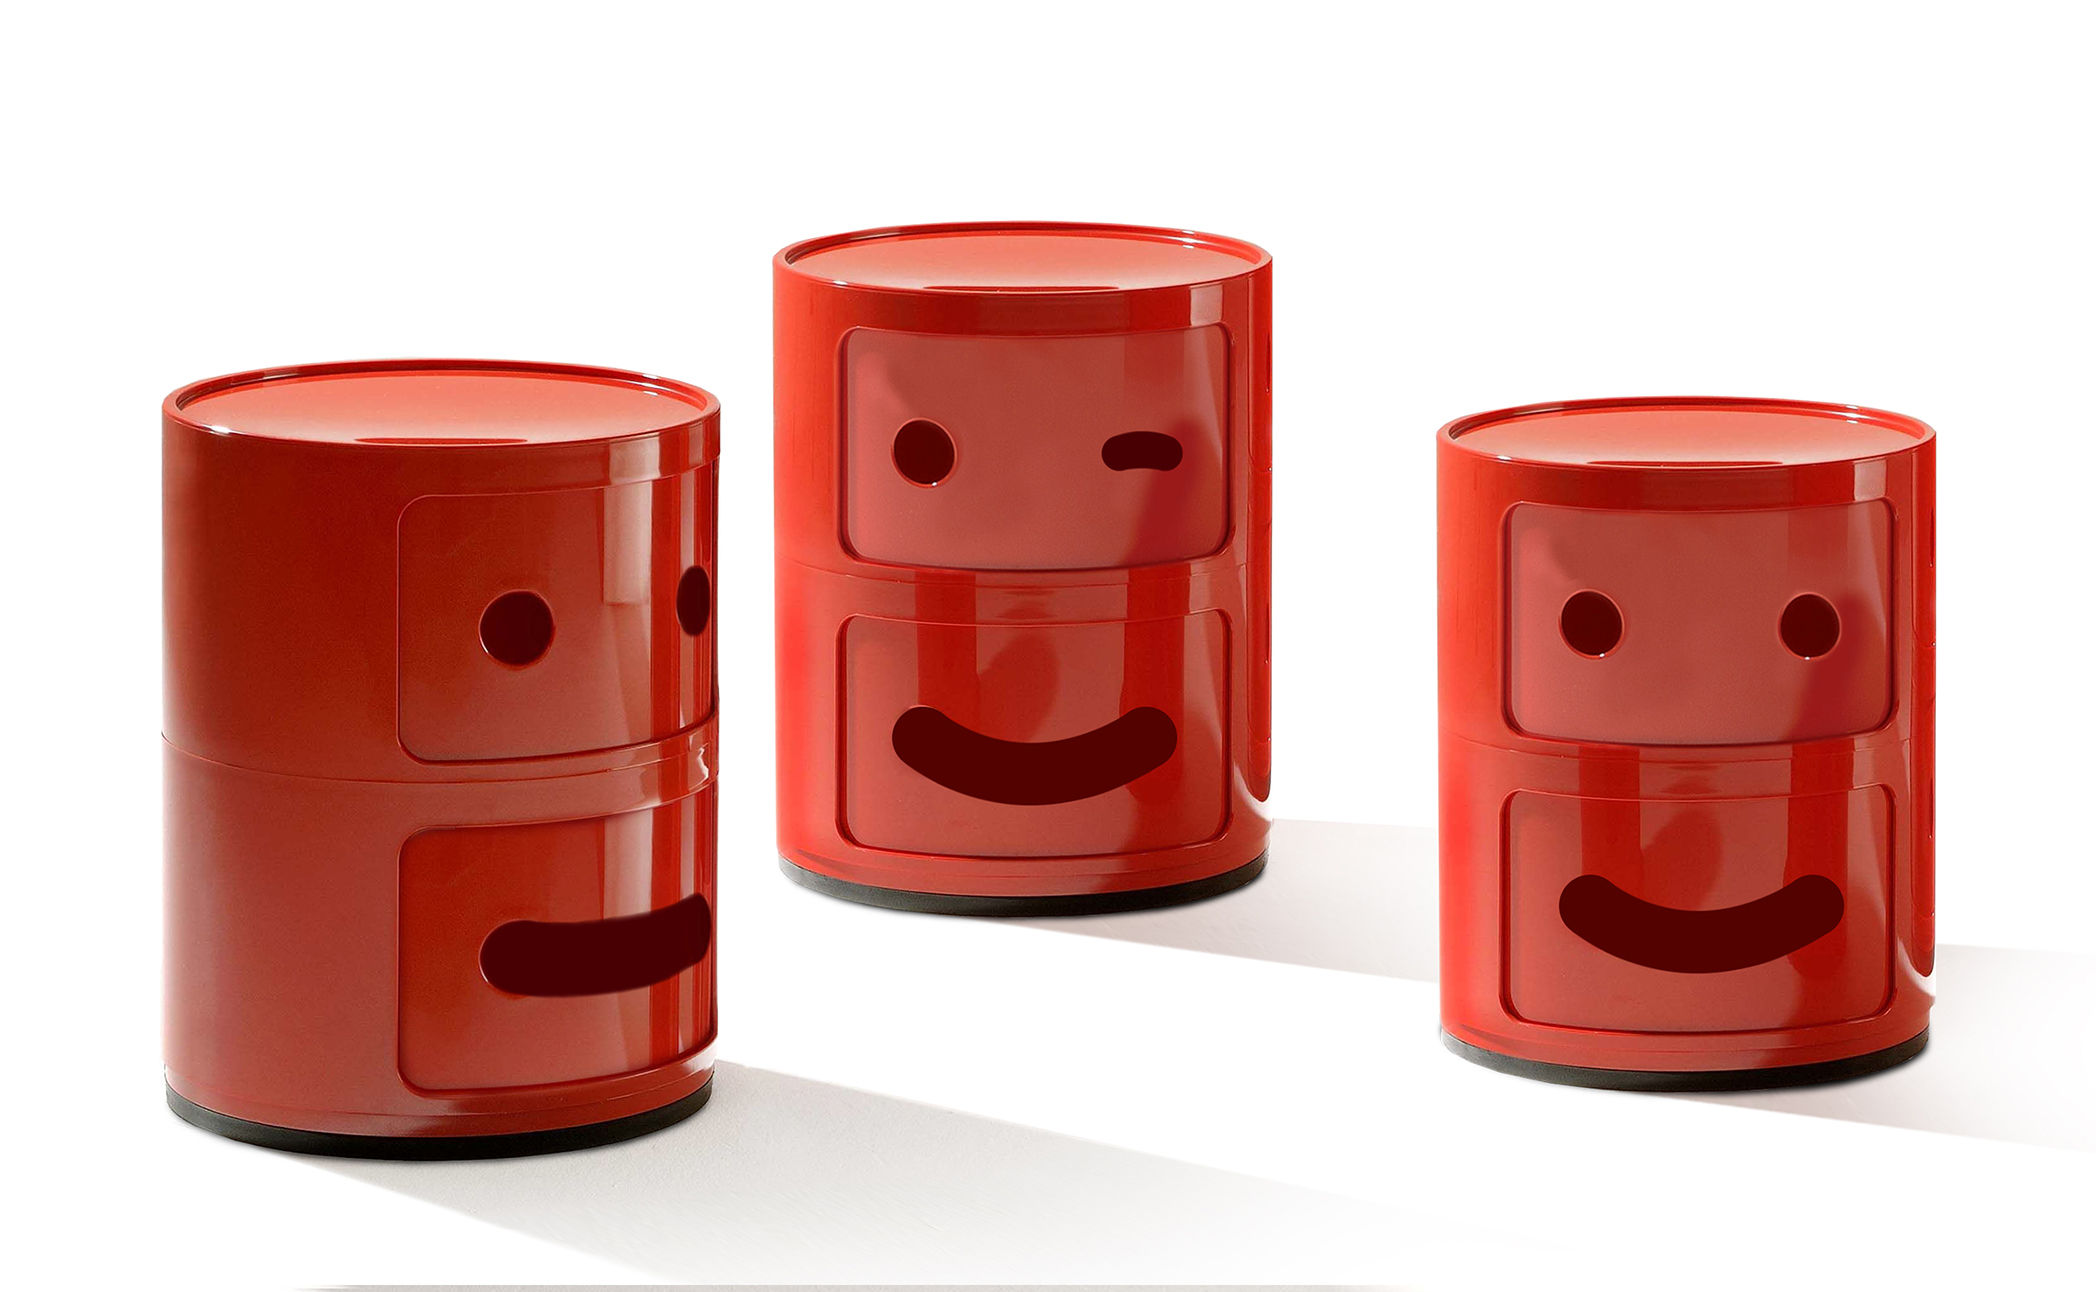 Smile Componibili depo inite N ° 3 / 2 tiwa Wouj Kartell Anna Castelli Ferrieri | Fabio Novembre 2